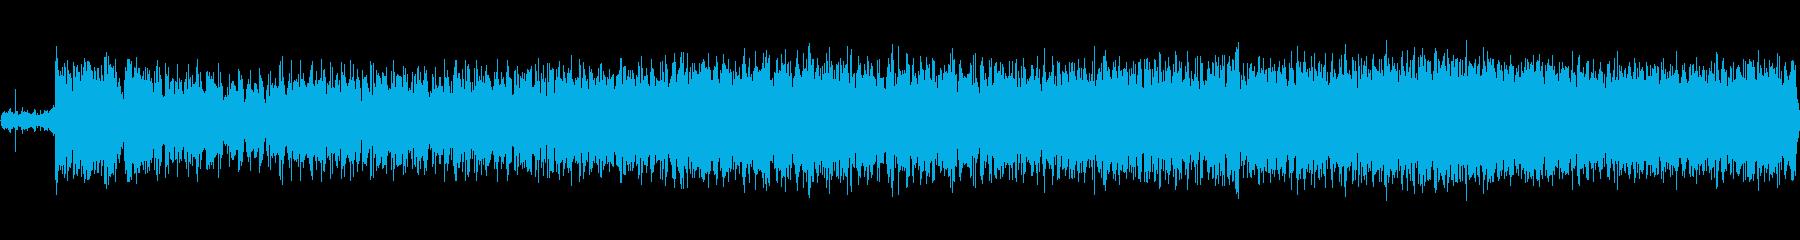 パトカー:インテリア:高速運転、サイレンの再生済みの波形